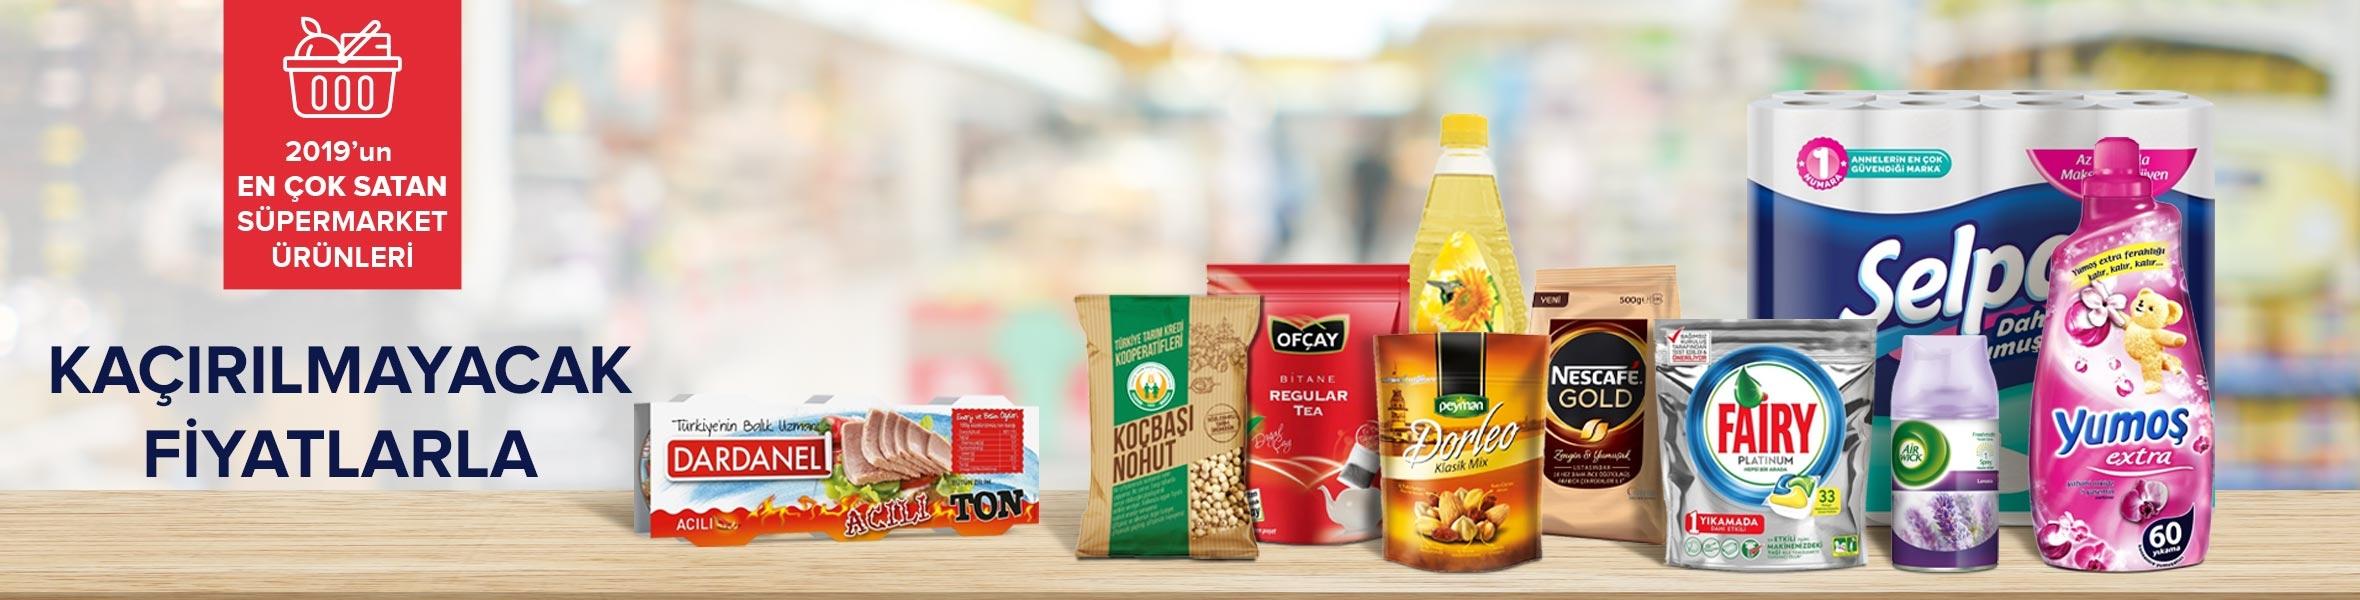 2019 Yılı Süpermarket En Çok Satan Ürünler